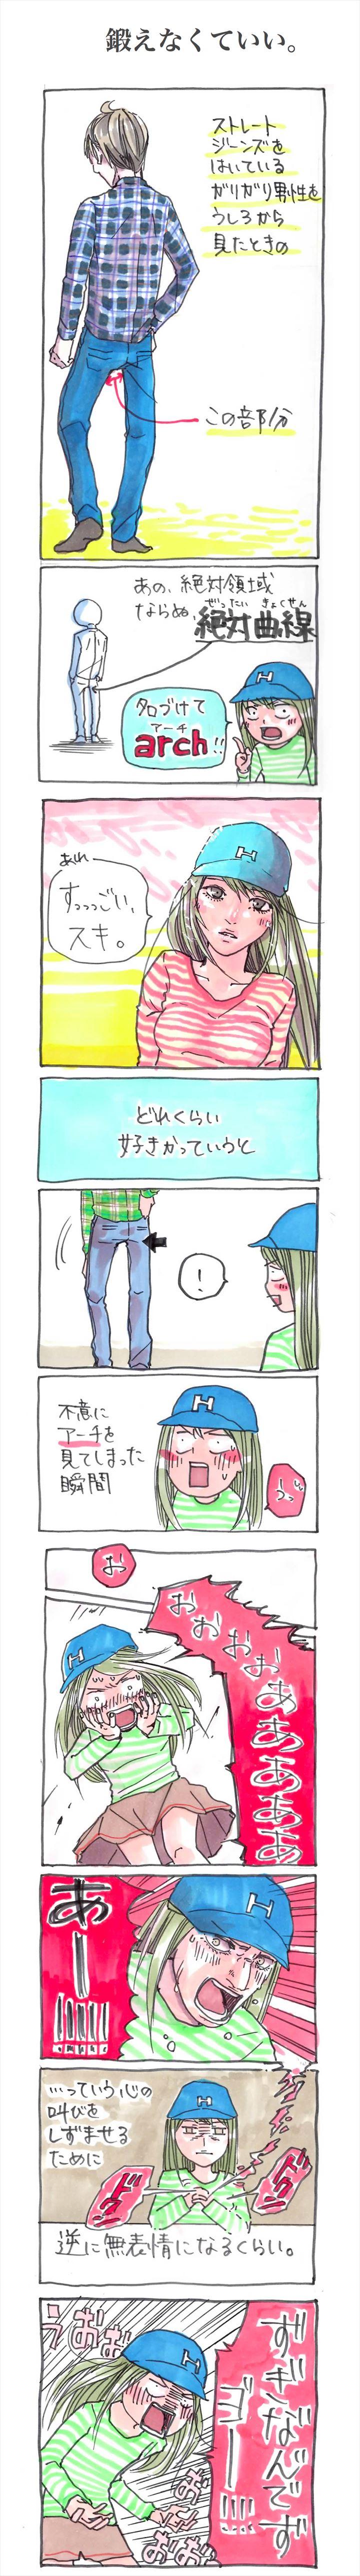 yajima3.1_R